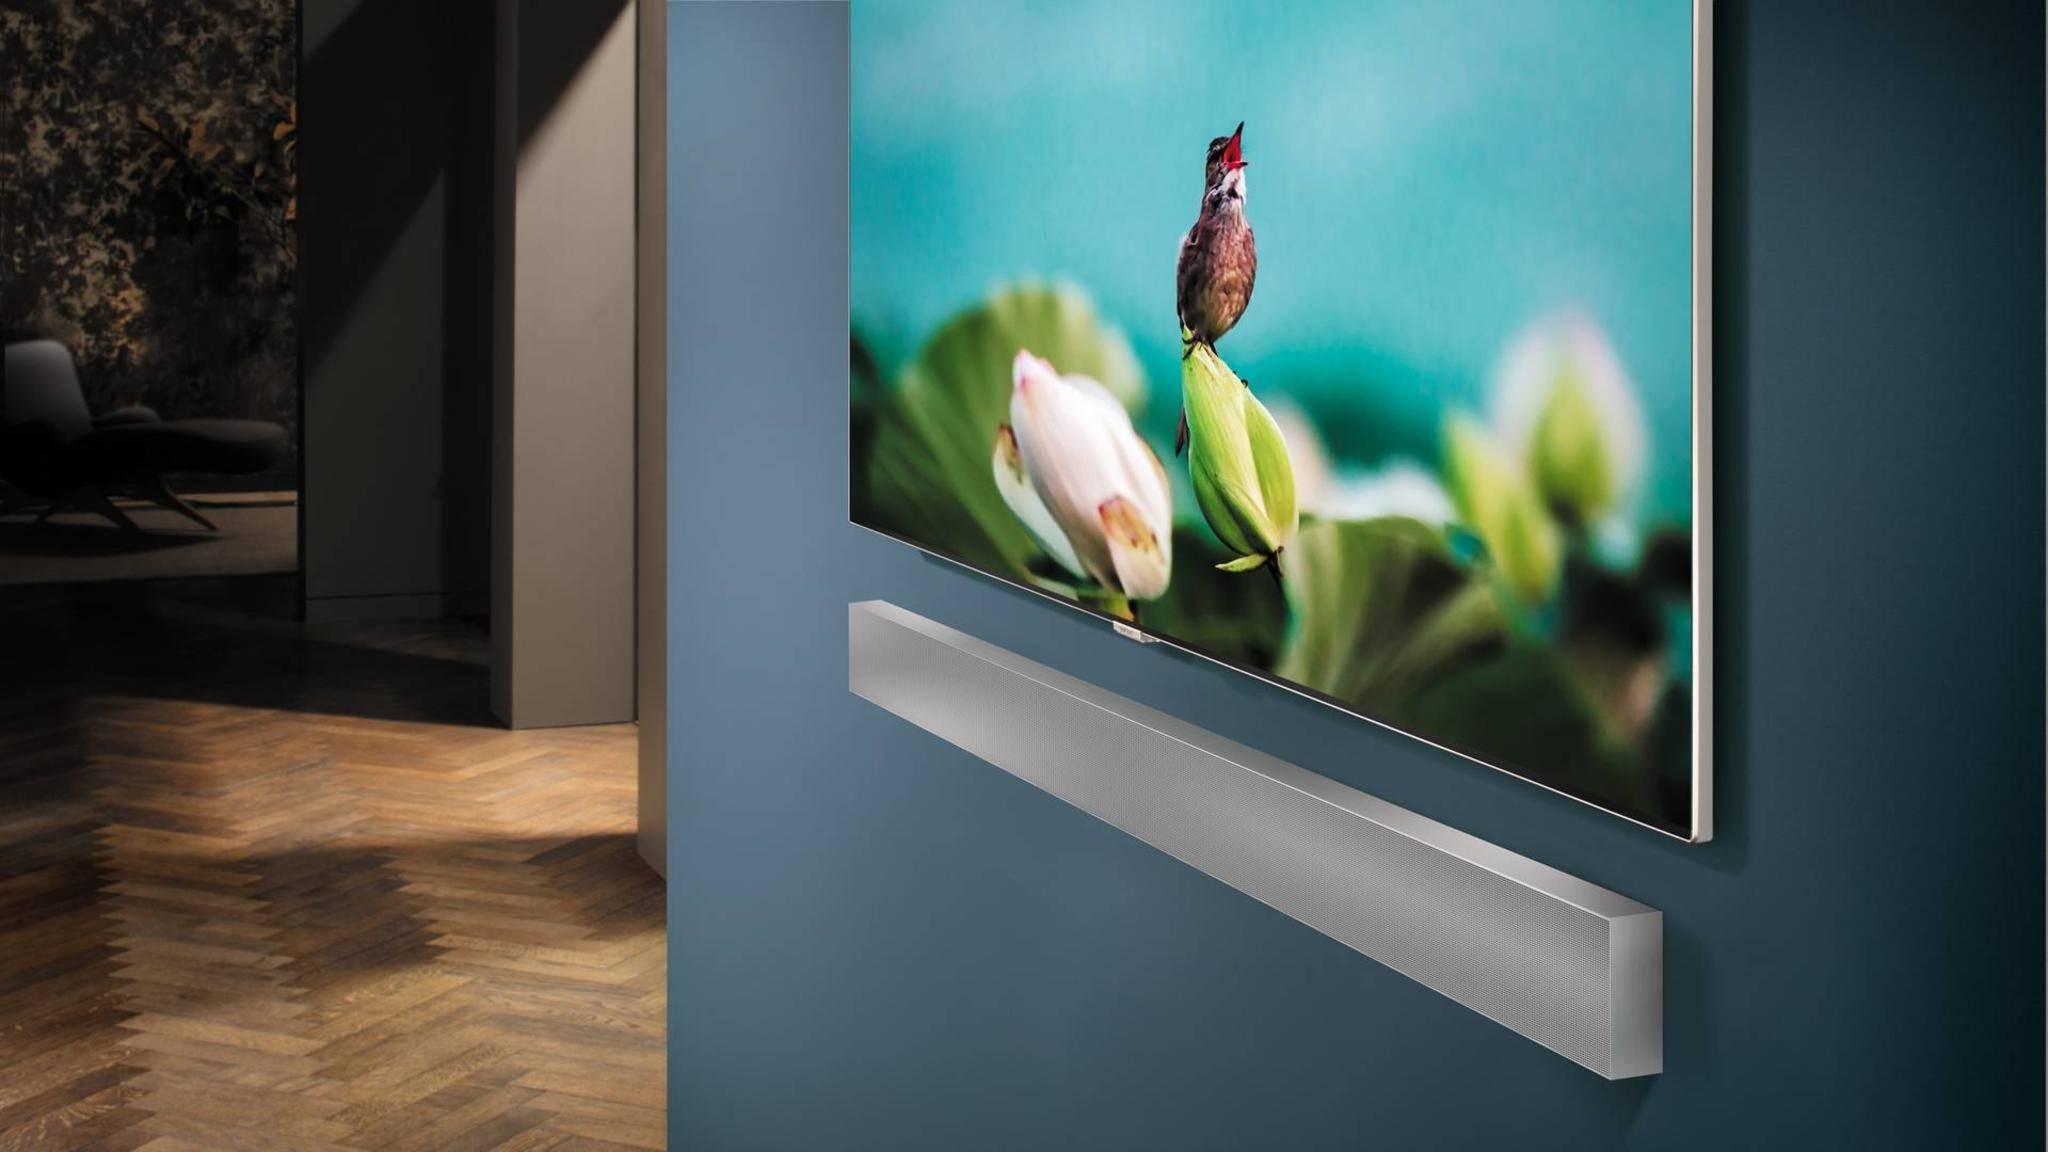 Die Samsung-Soundbar NW700 besticht mit ihrer extrem schlanken Erscheinung.